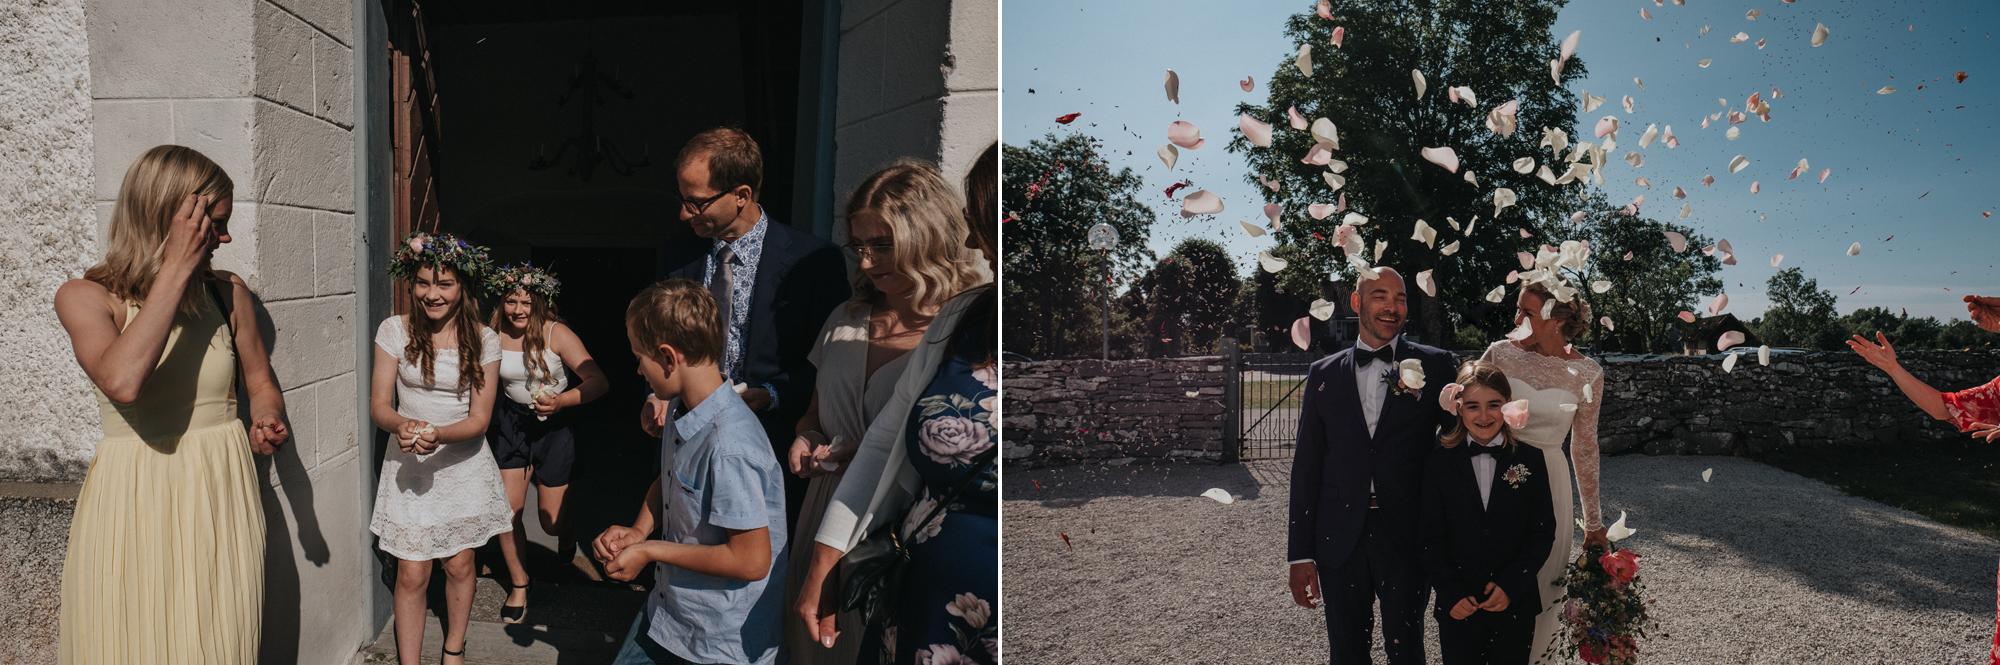 025-bröllop-fårö-kyrka.jpg